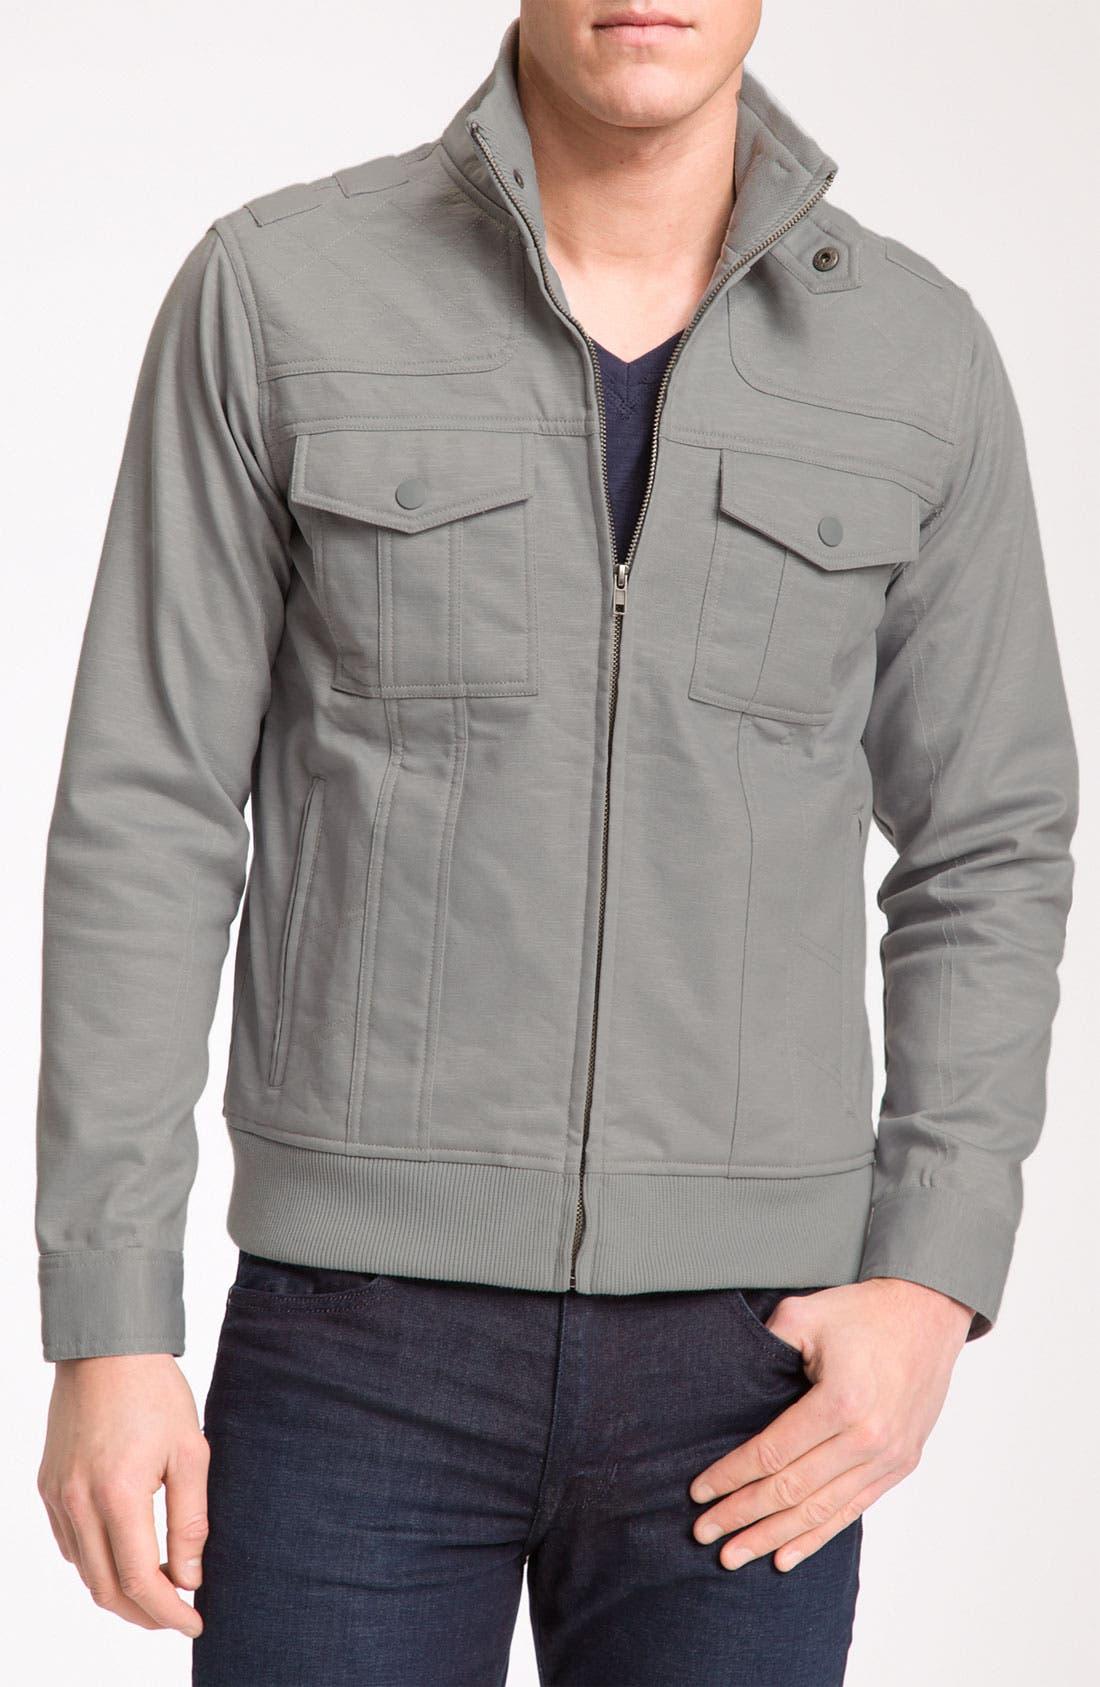 Alternate Image 1 Selected - Kane & Unke Trim Fit Coated Moto Jacket